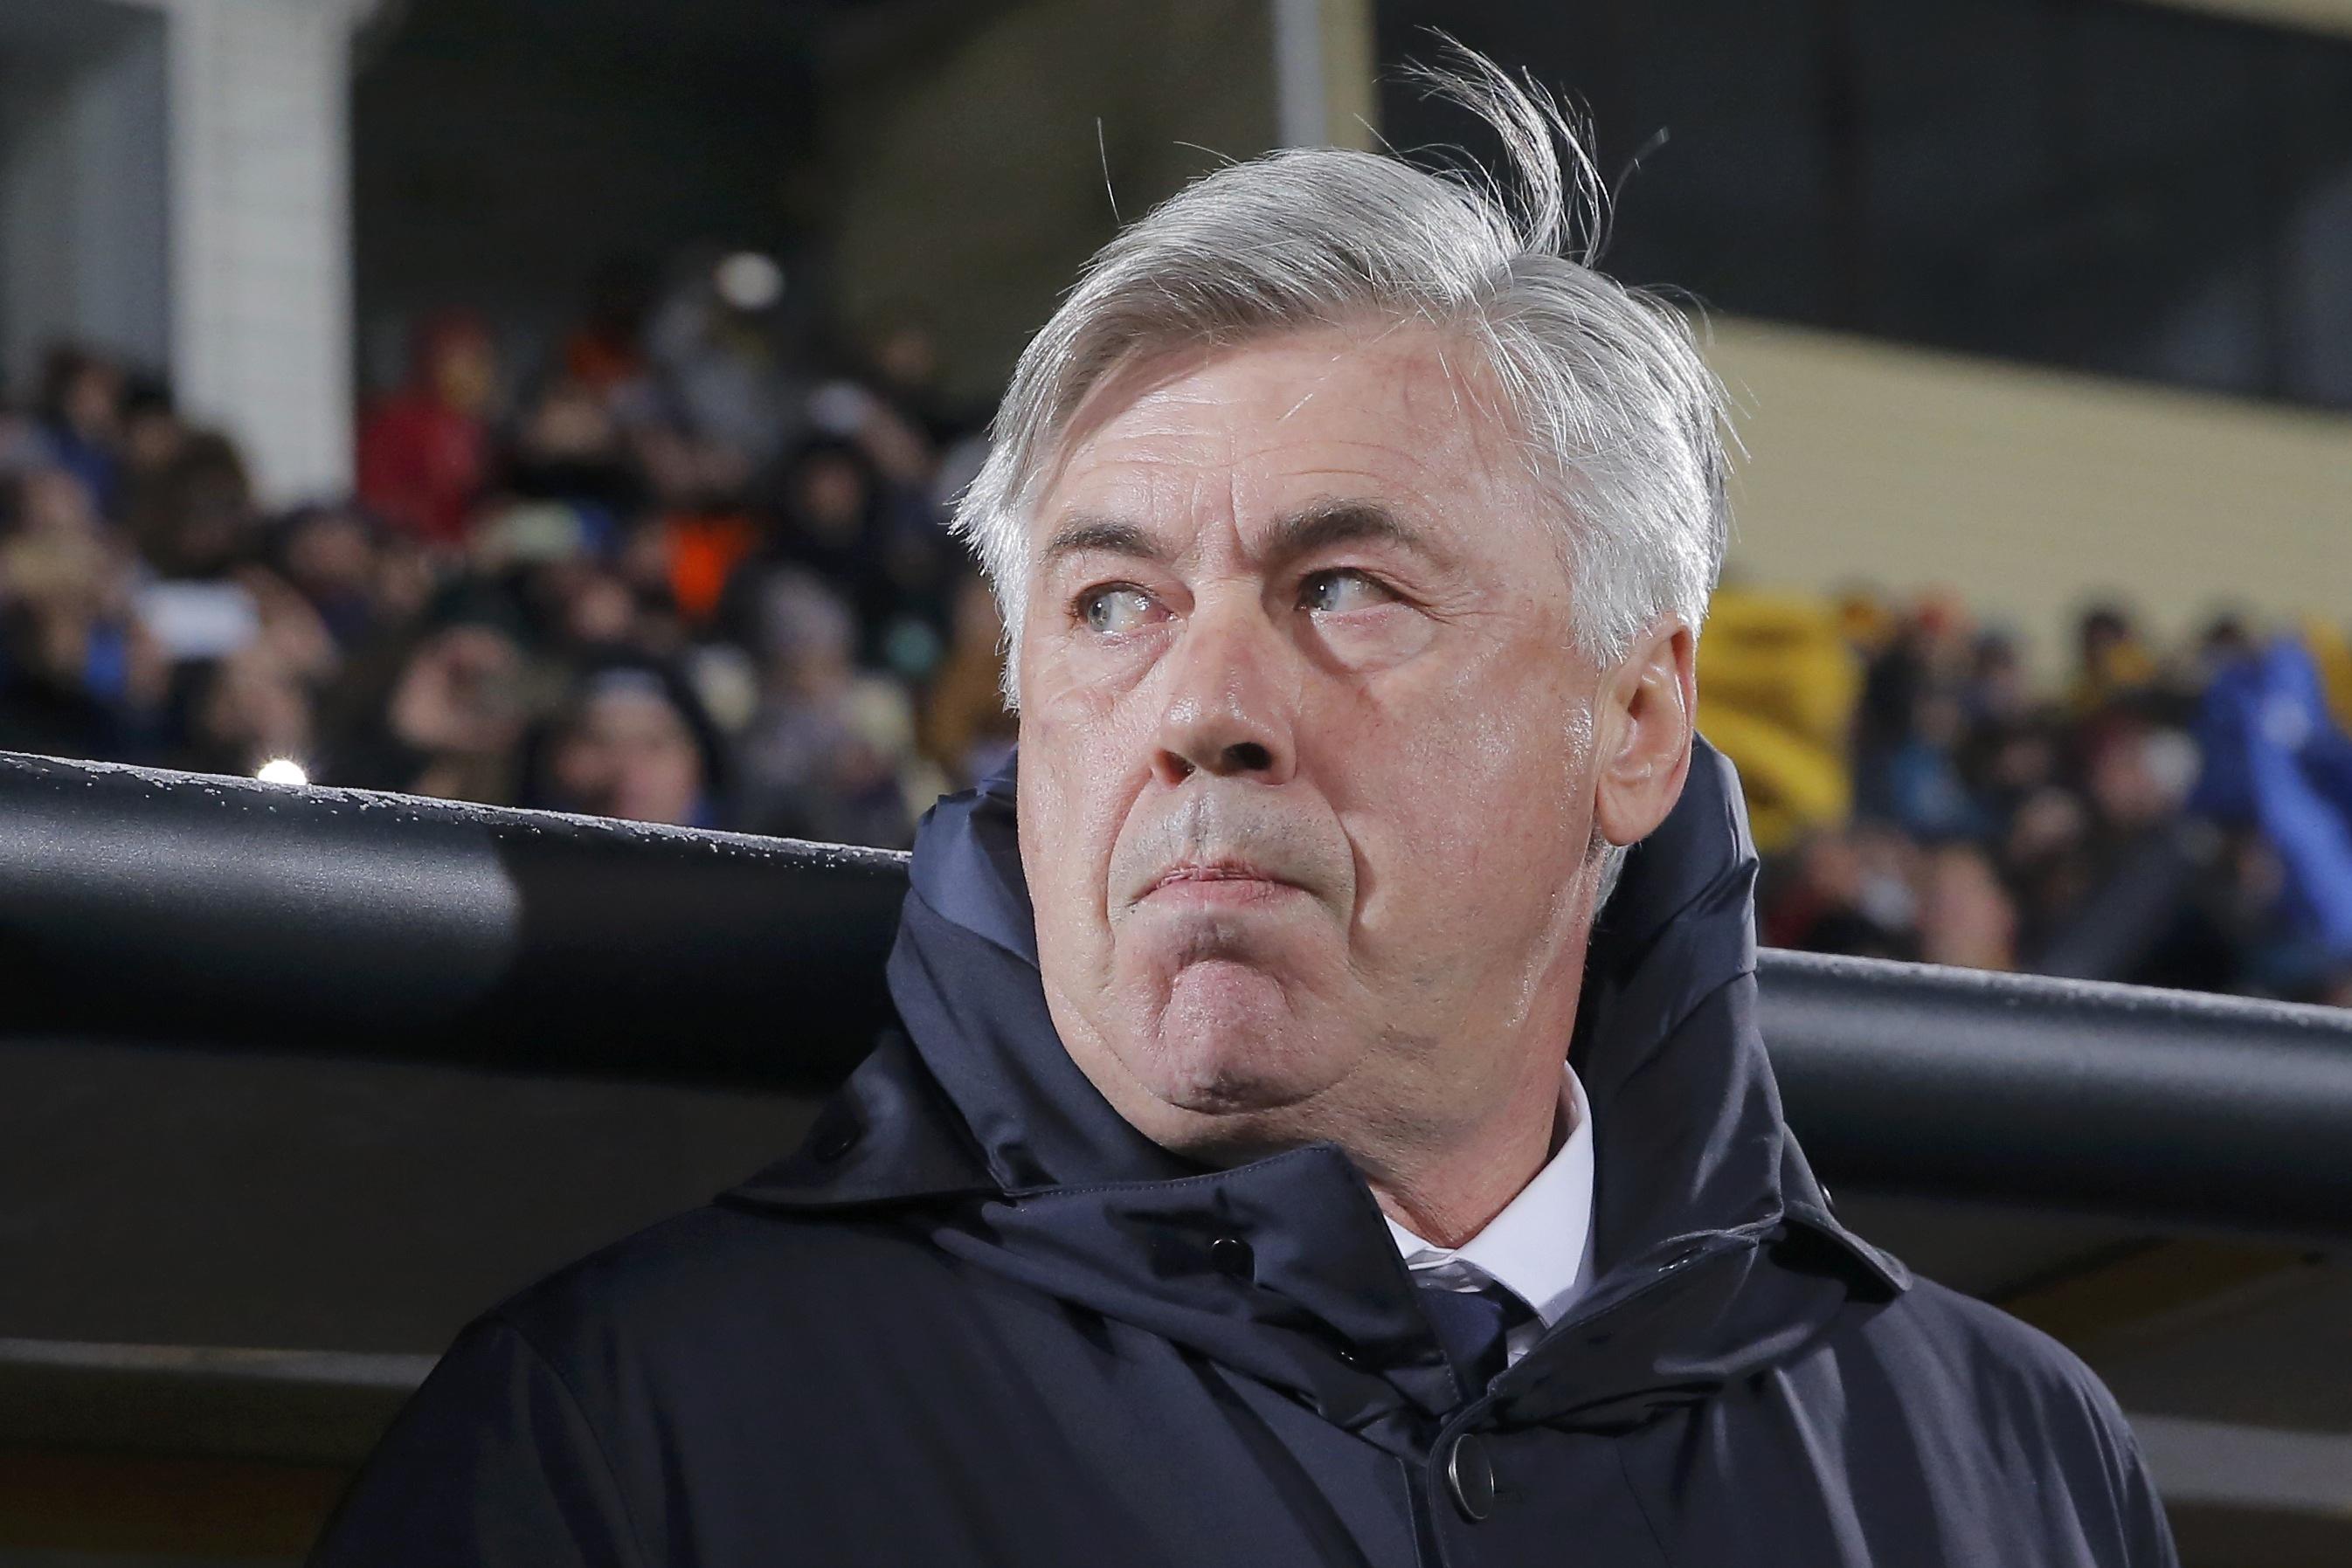 Наставник немецкого клуба на пресс-конференции подвел итог неудачного поединка Лиги Чемпионов